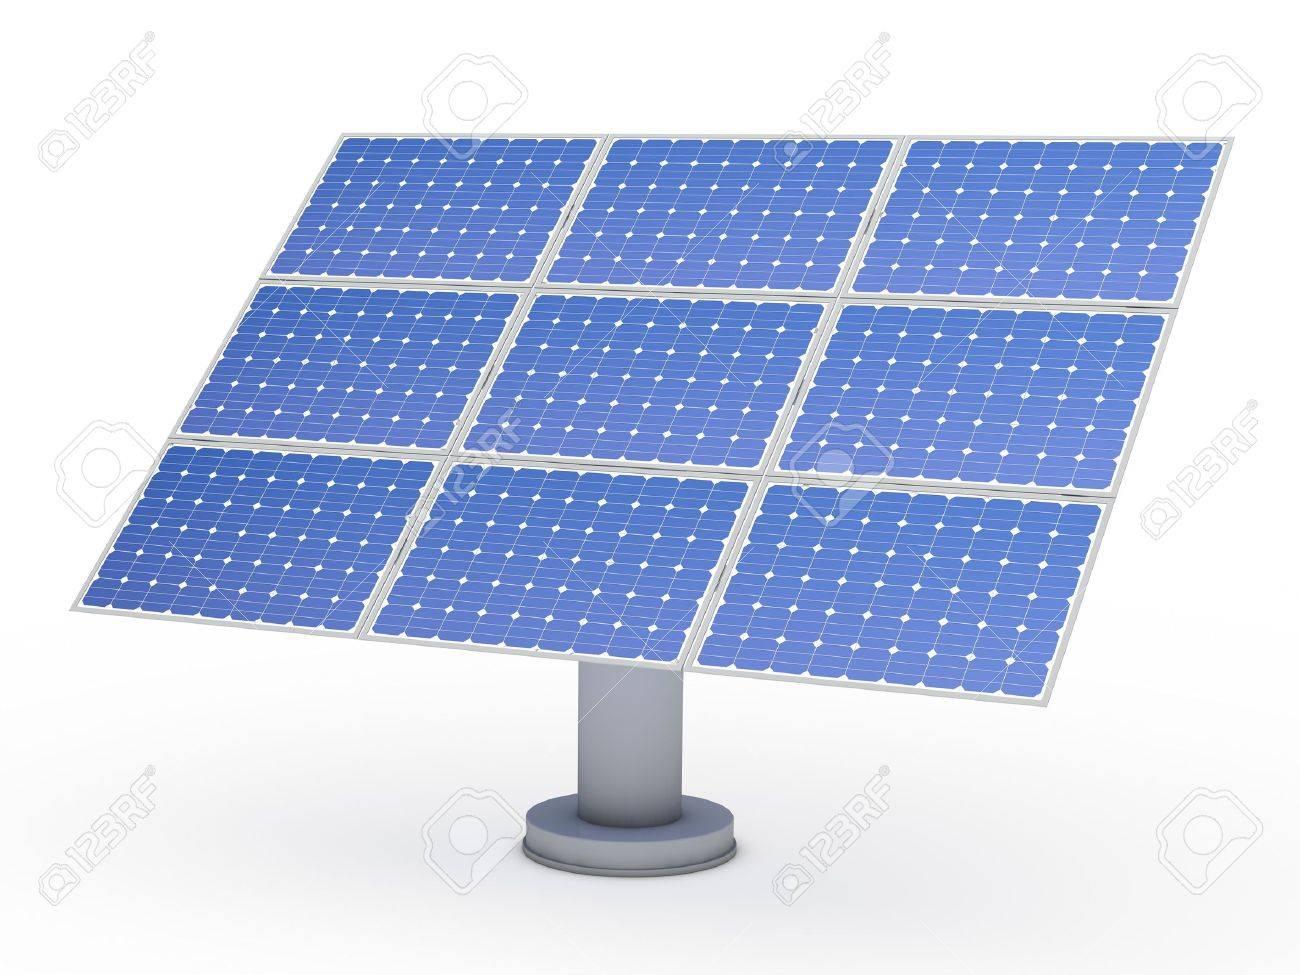 Puissance Panneau Photovoltaique dedans puissance de panneau photovoltaïque solaire bleu 3d banque d'images